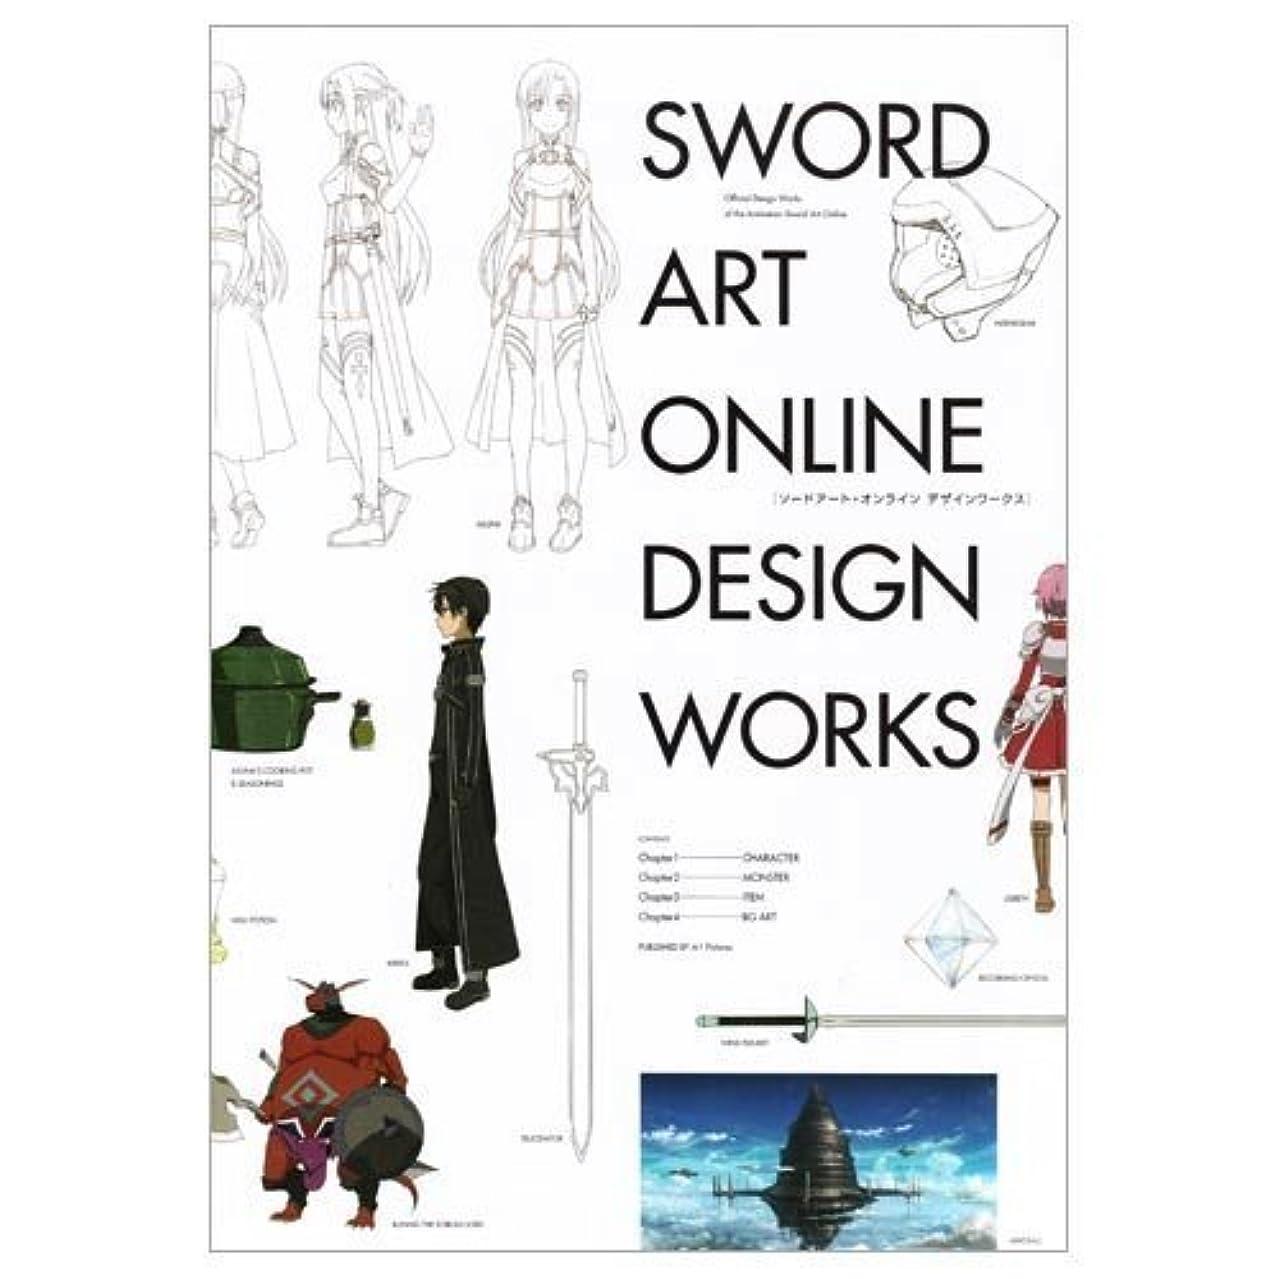 C87 Sword Art Online Design Works